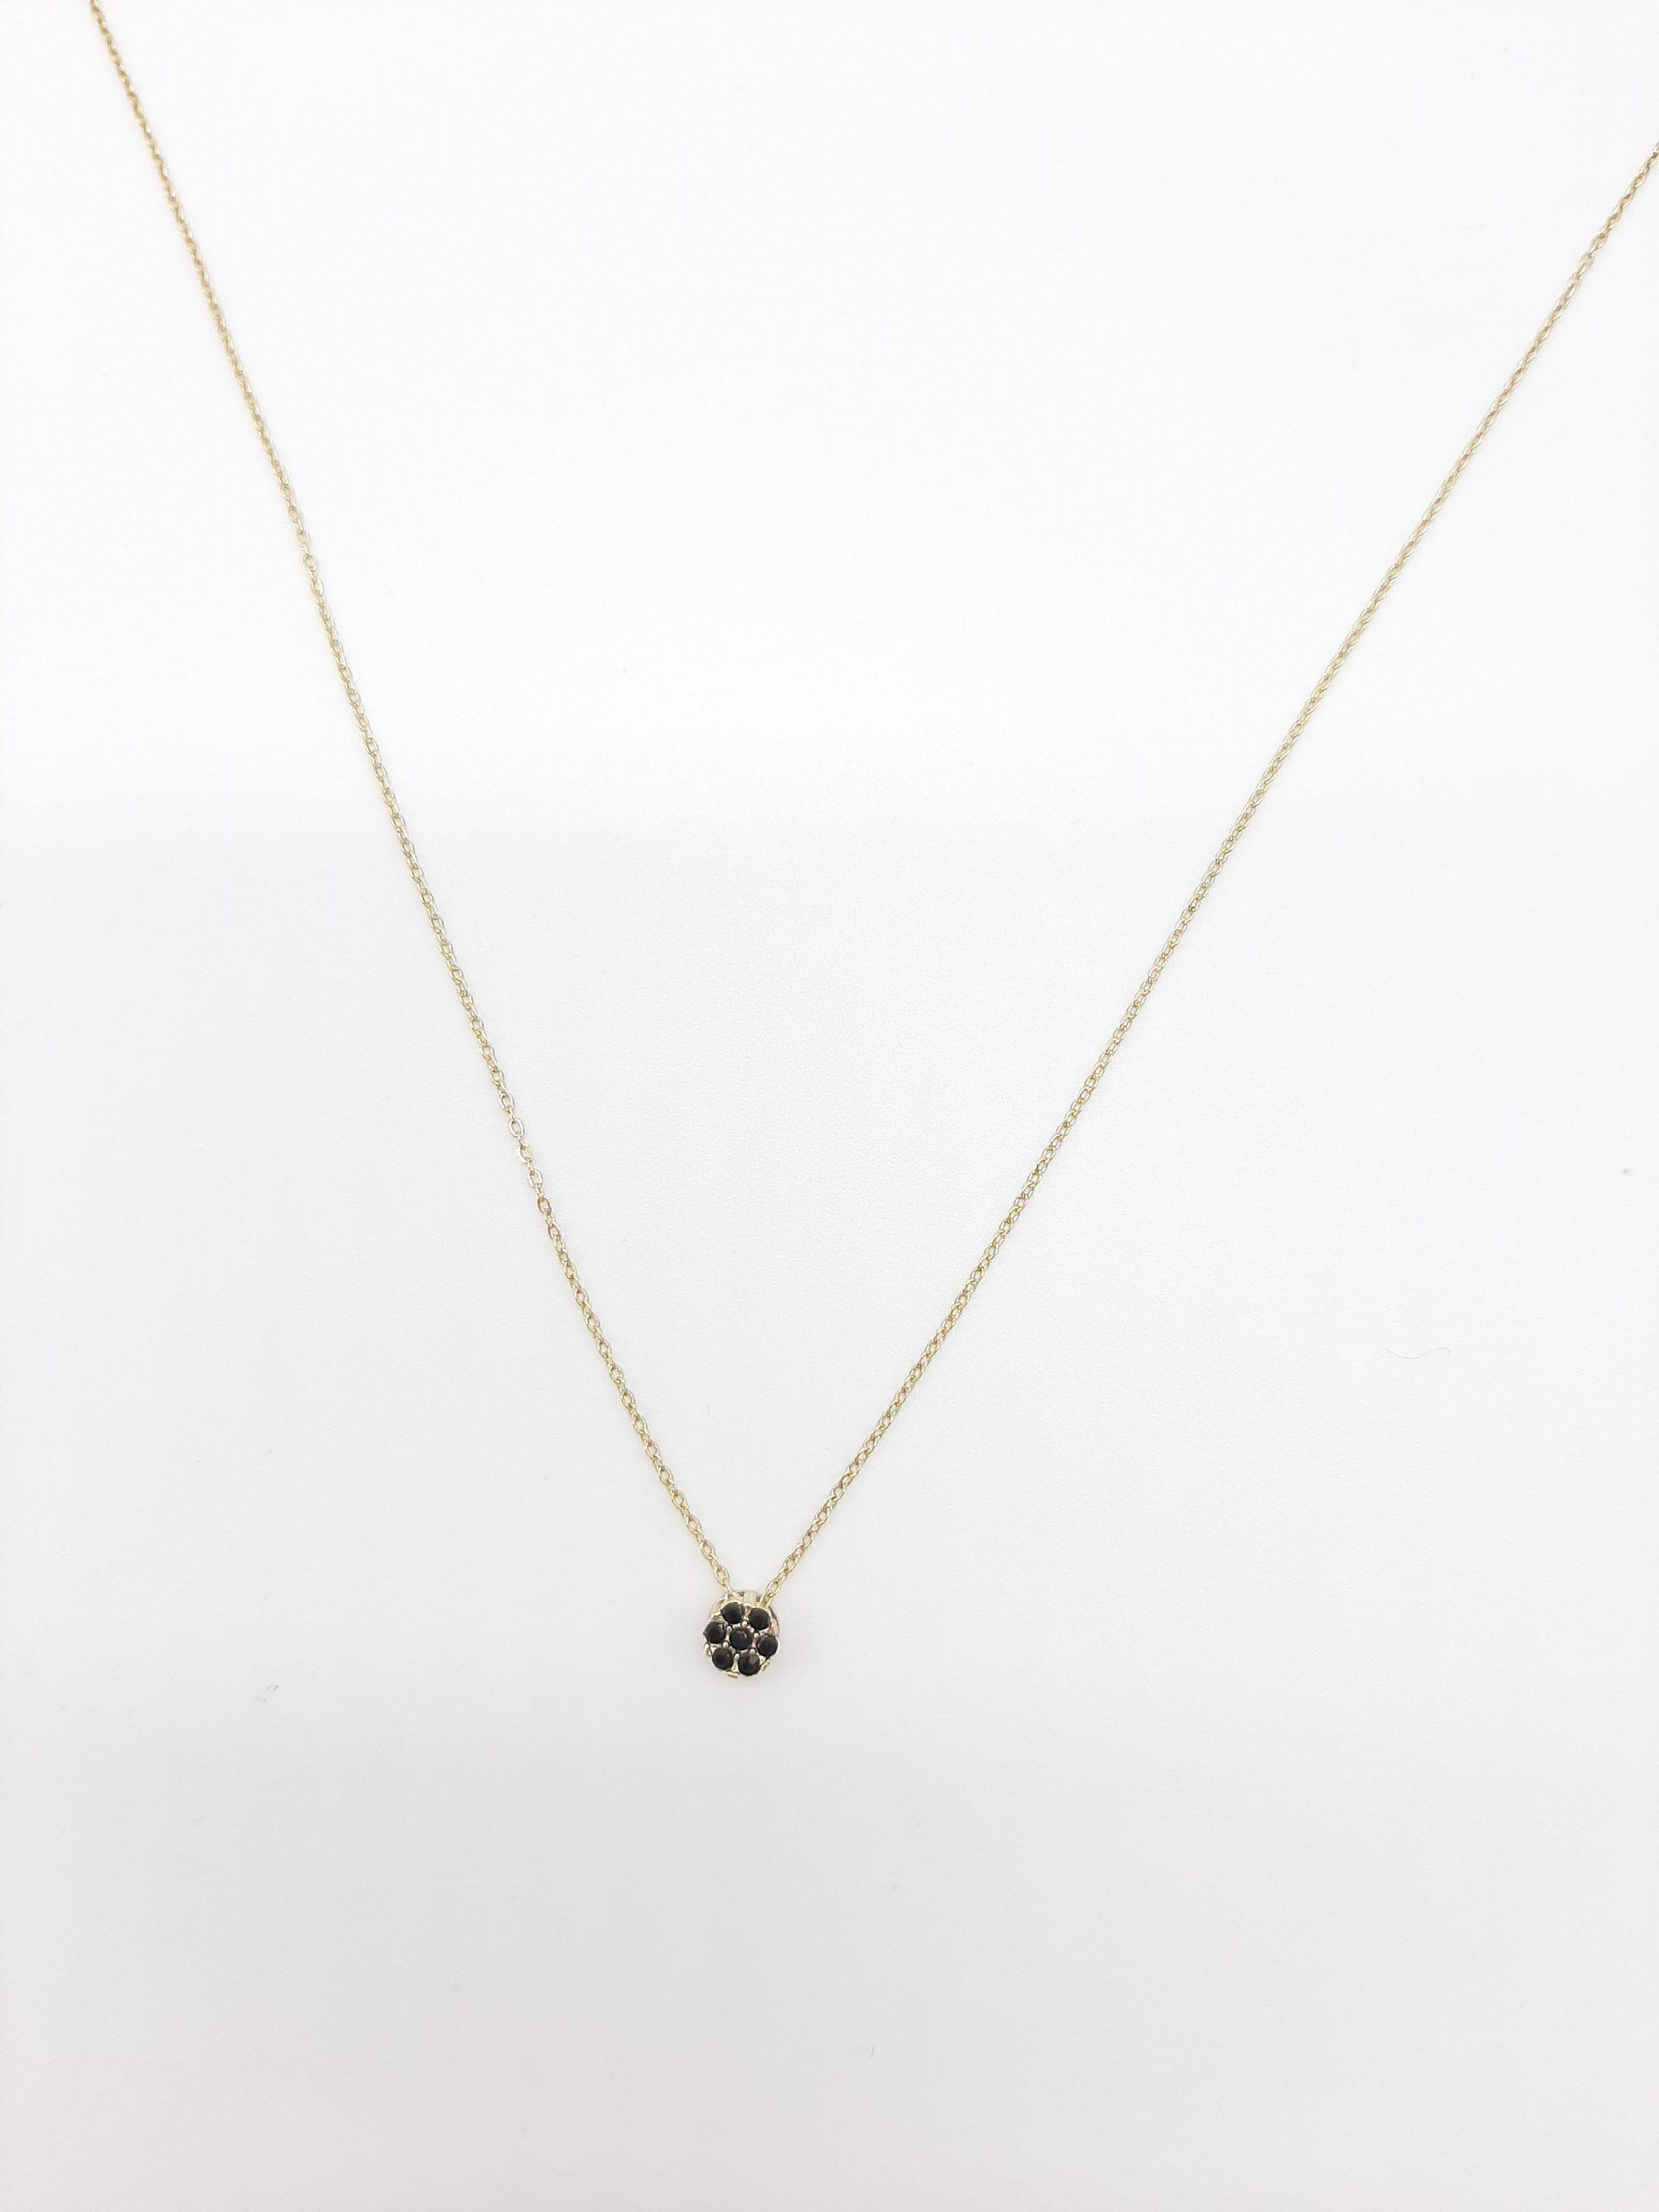 ketting rondje zwarte steentjes goud2